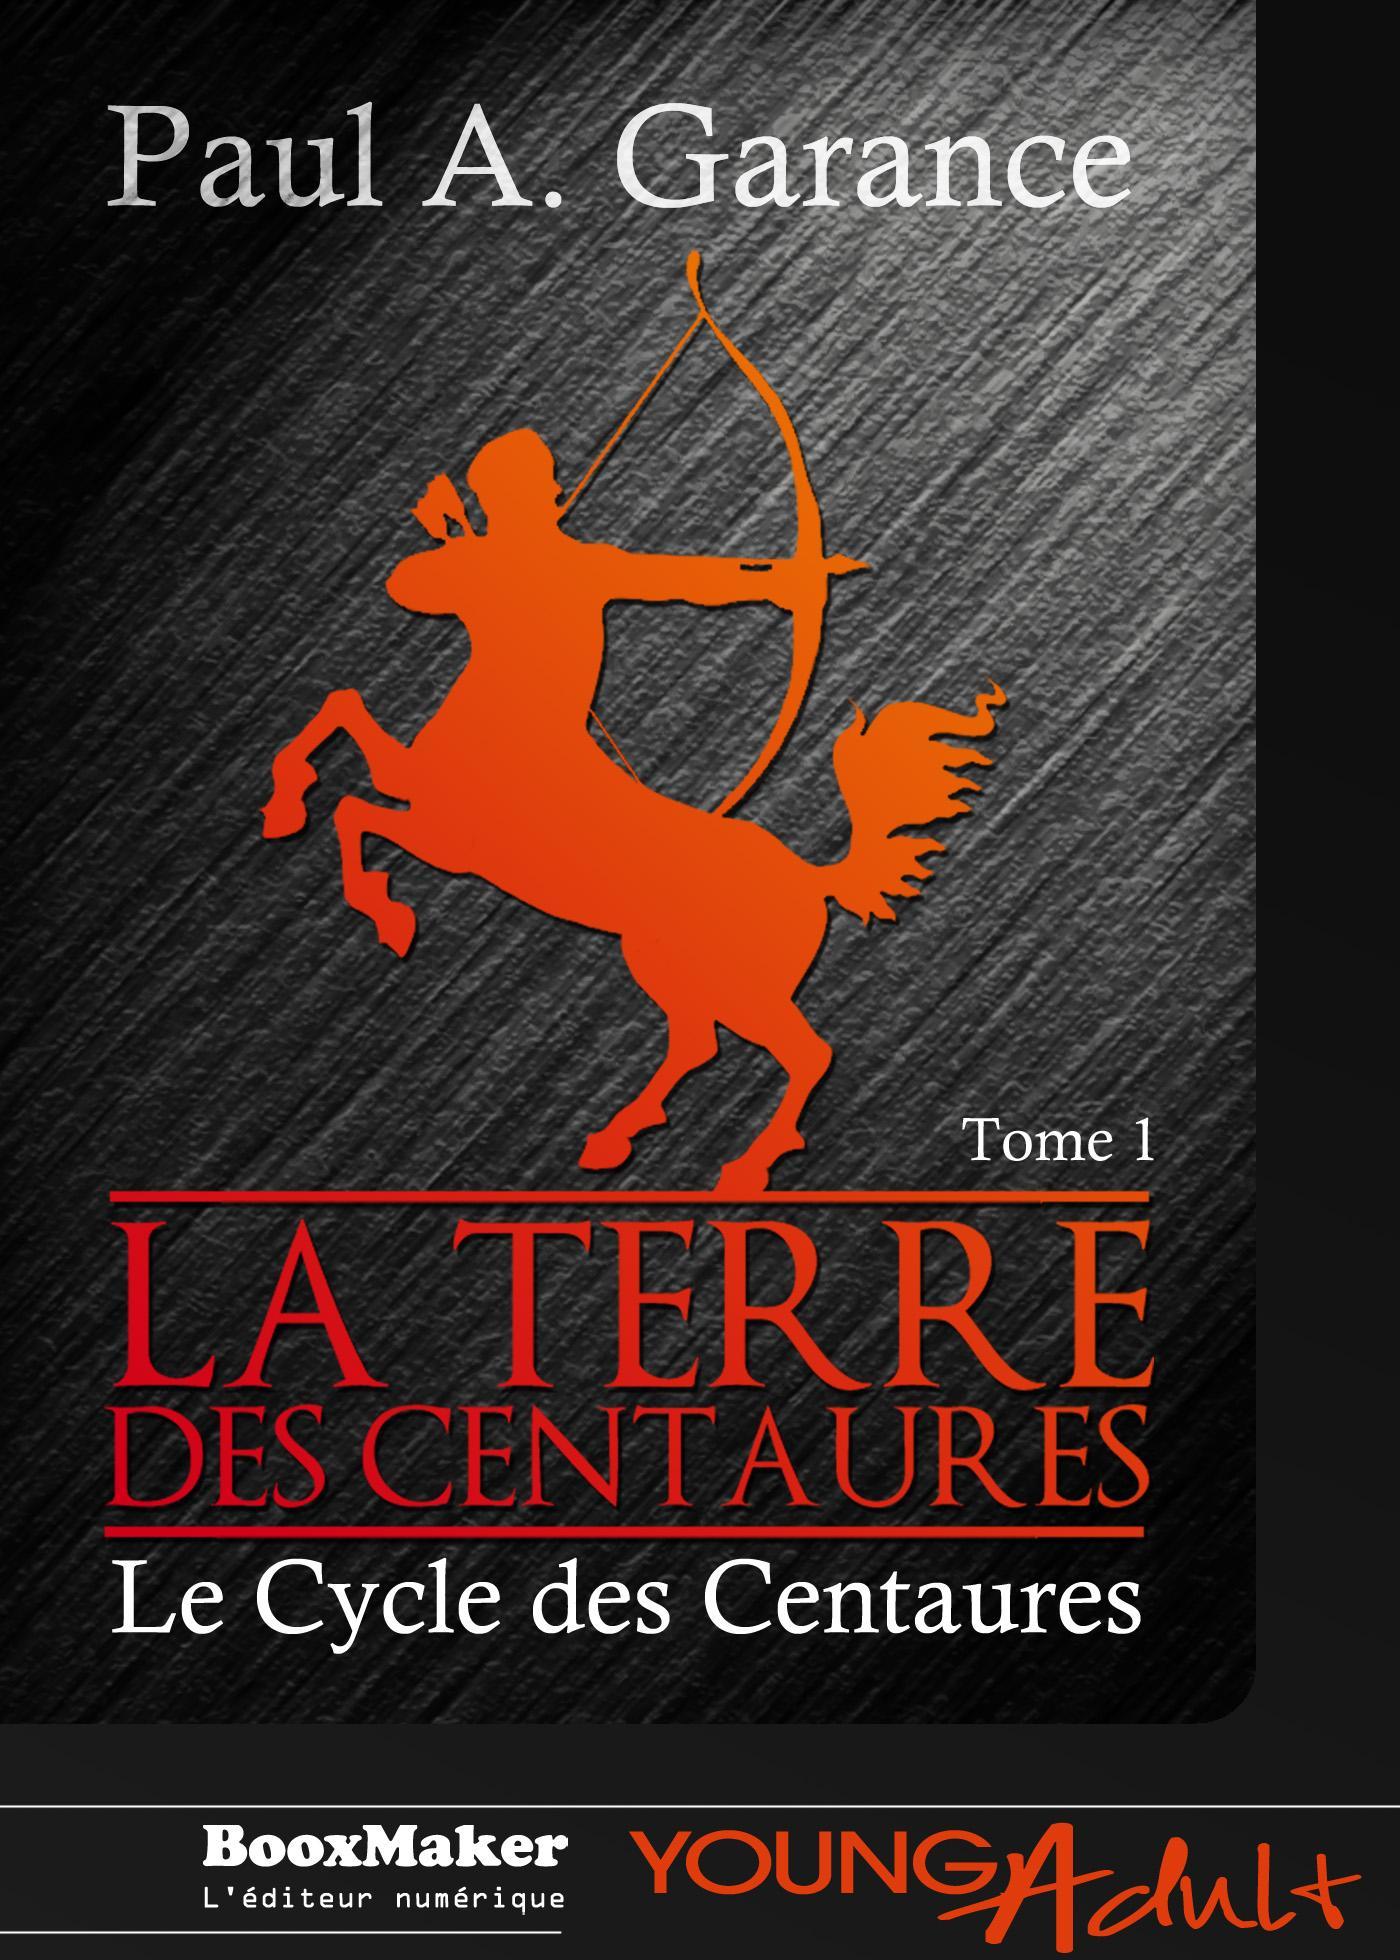 La Terre des Centaures, LE CYCLE DES CENTAURES - T1